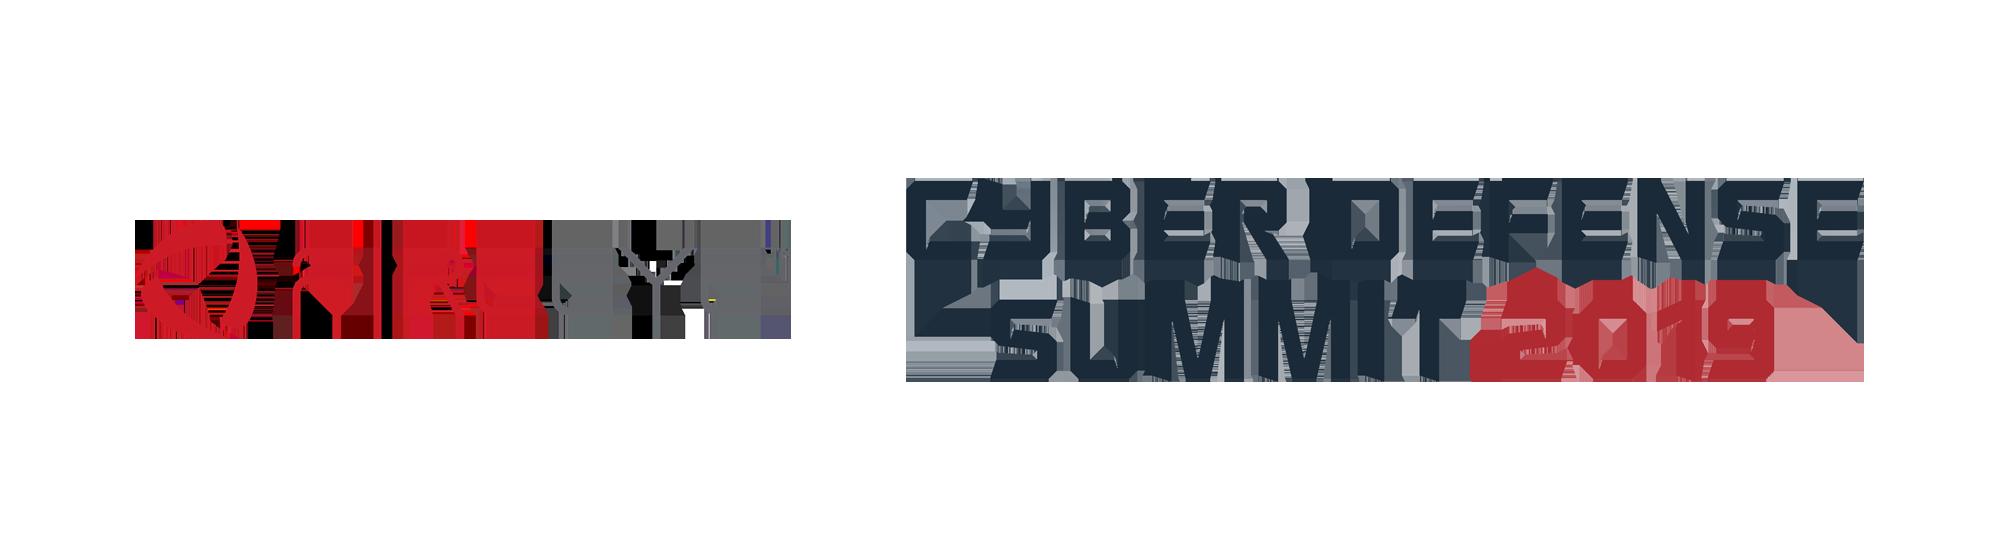 fireeye-cyber-defense-summit-2019-logo